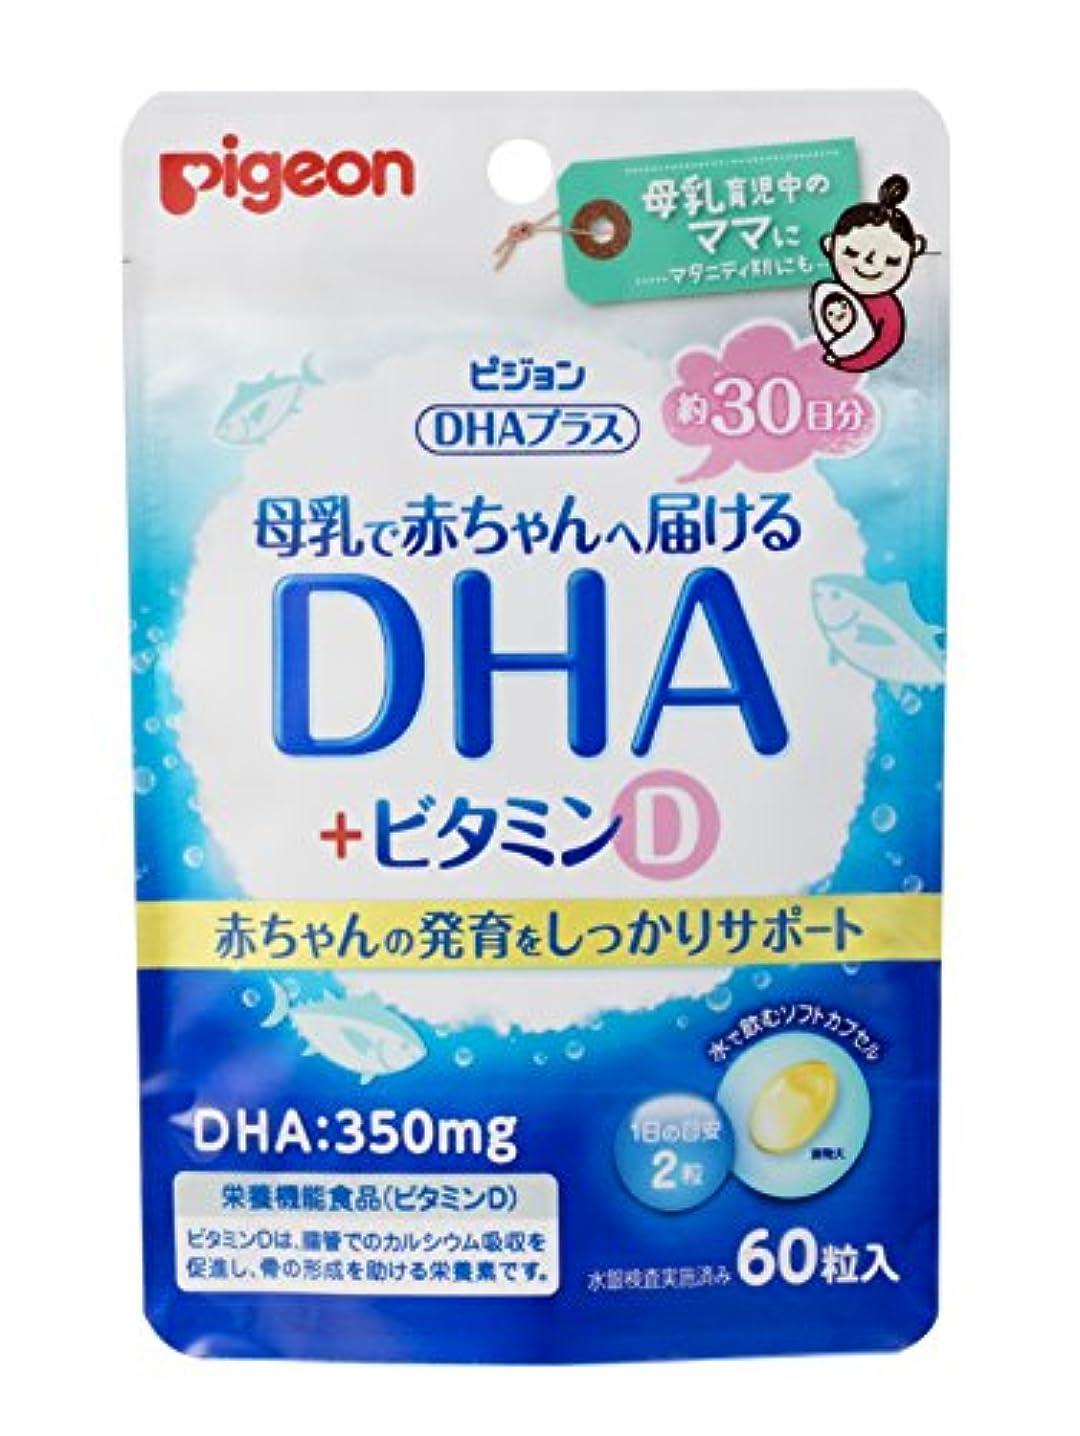 ピジョン(Pigeon) DHAプラス (DHA + ビタミンD) 【母乳で赤ちゃんへ届ける(マタニティサプリメント ソフトカプセル)】 60粒入